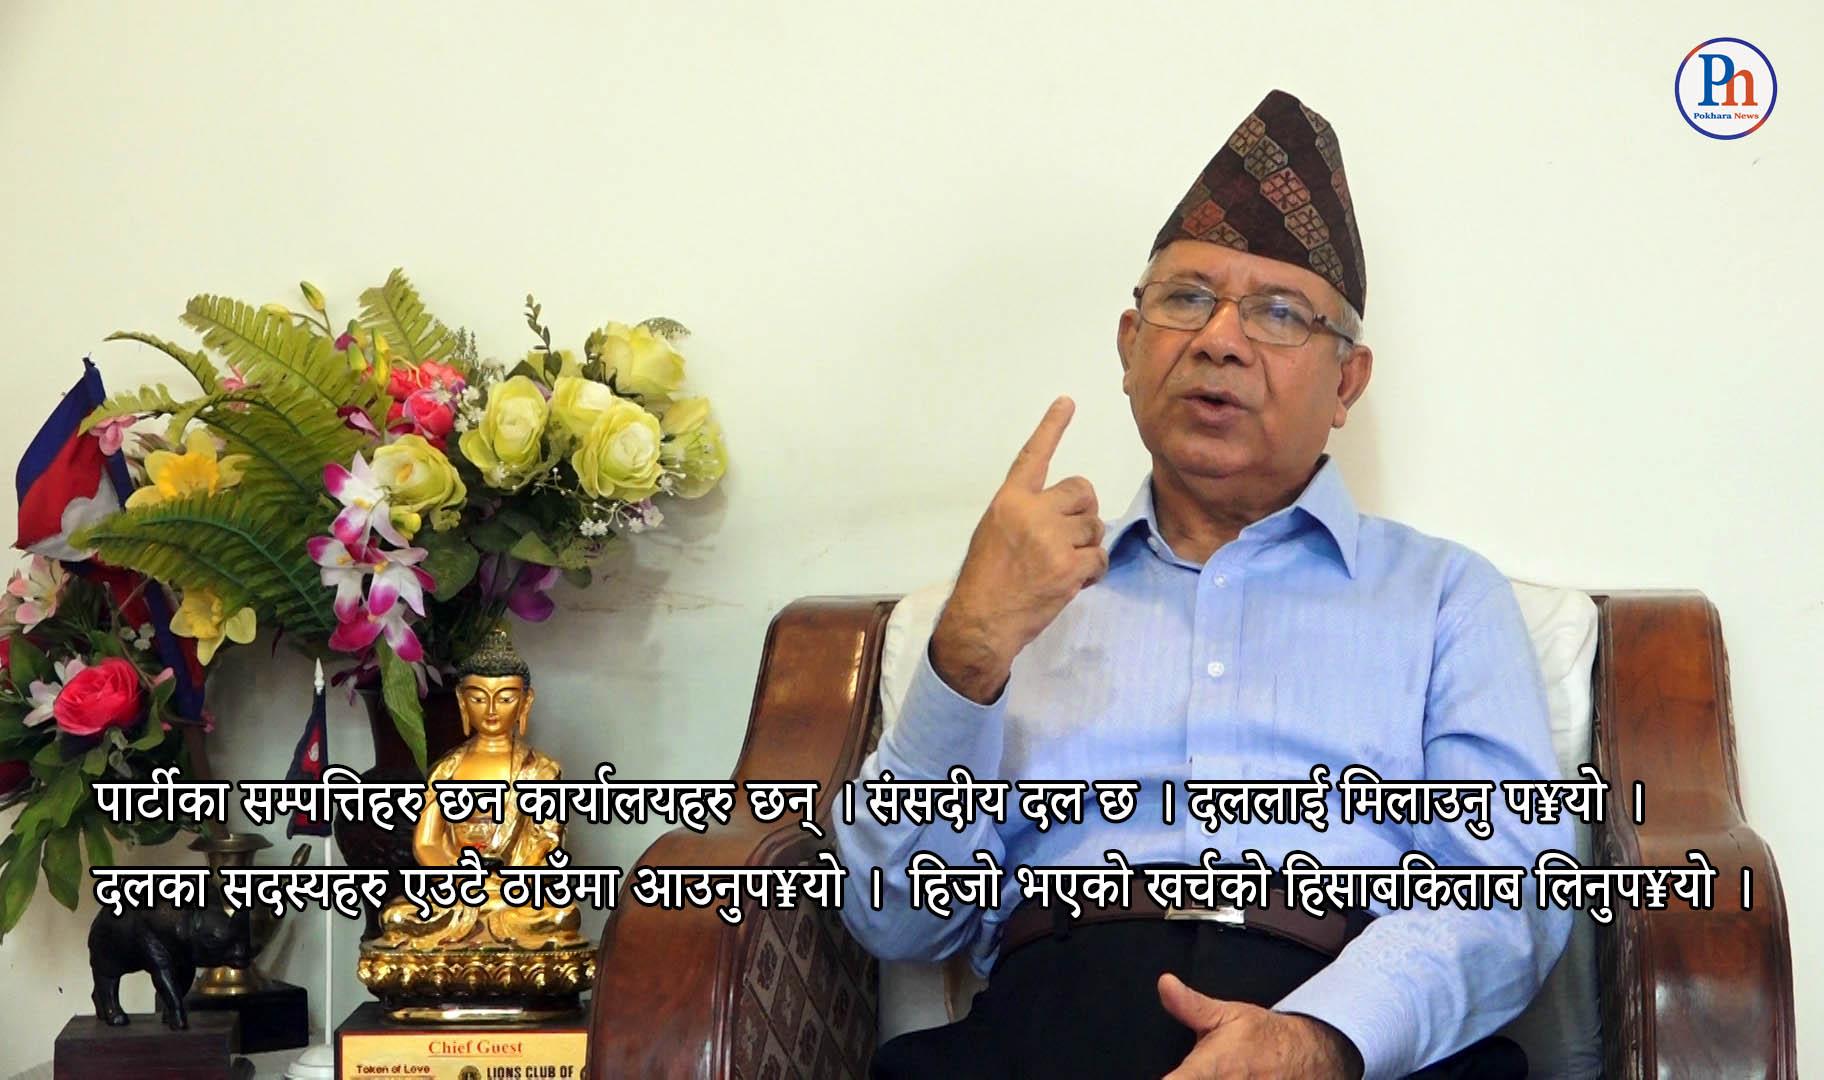 Photo of मापदण्ड पुग्दै नपुग्नेलाई च्याप्ने र सिनियर मान्छेलाई हटाउने प्रवृति सच्याउनुपर्दछ- नेता नेपाल